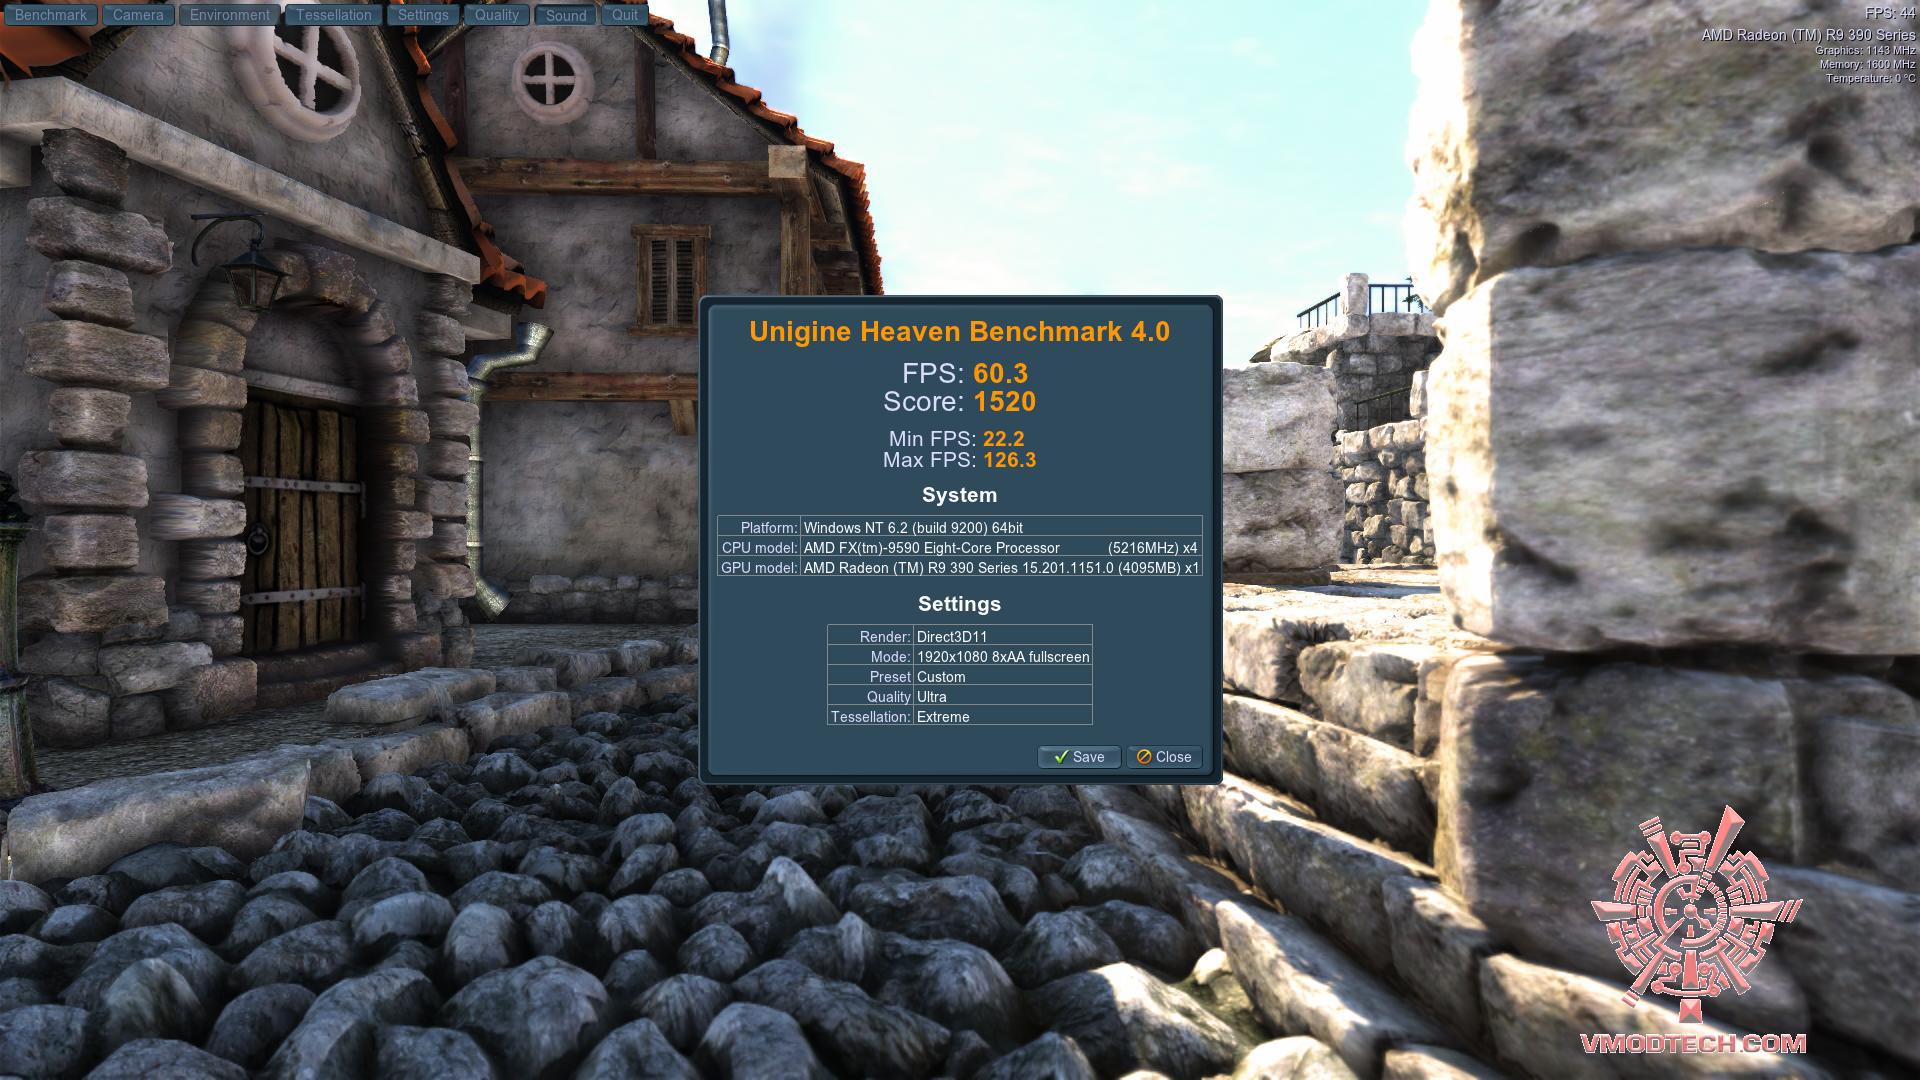 หน้าที่ 1 - MSI R9 390X GAMING 8G | Vmodtech com | Review